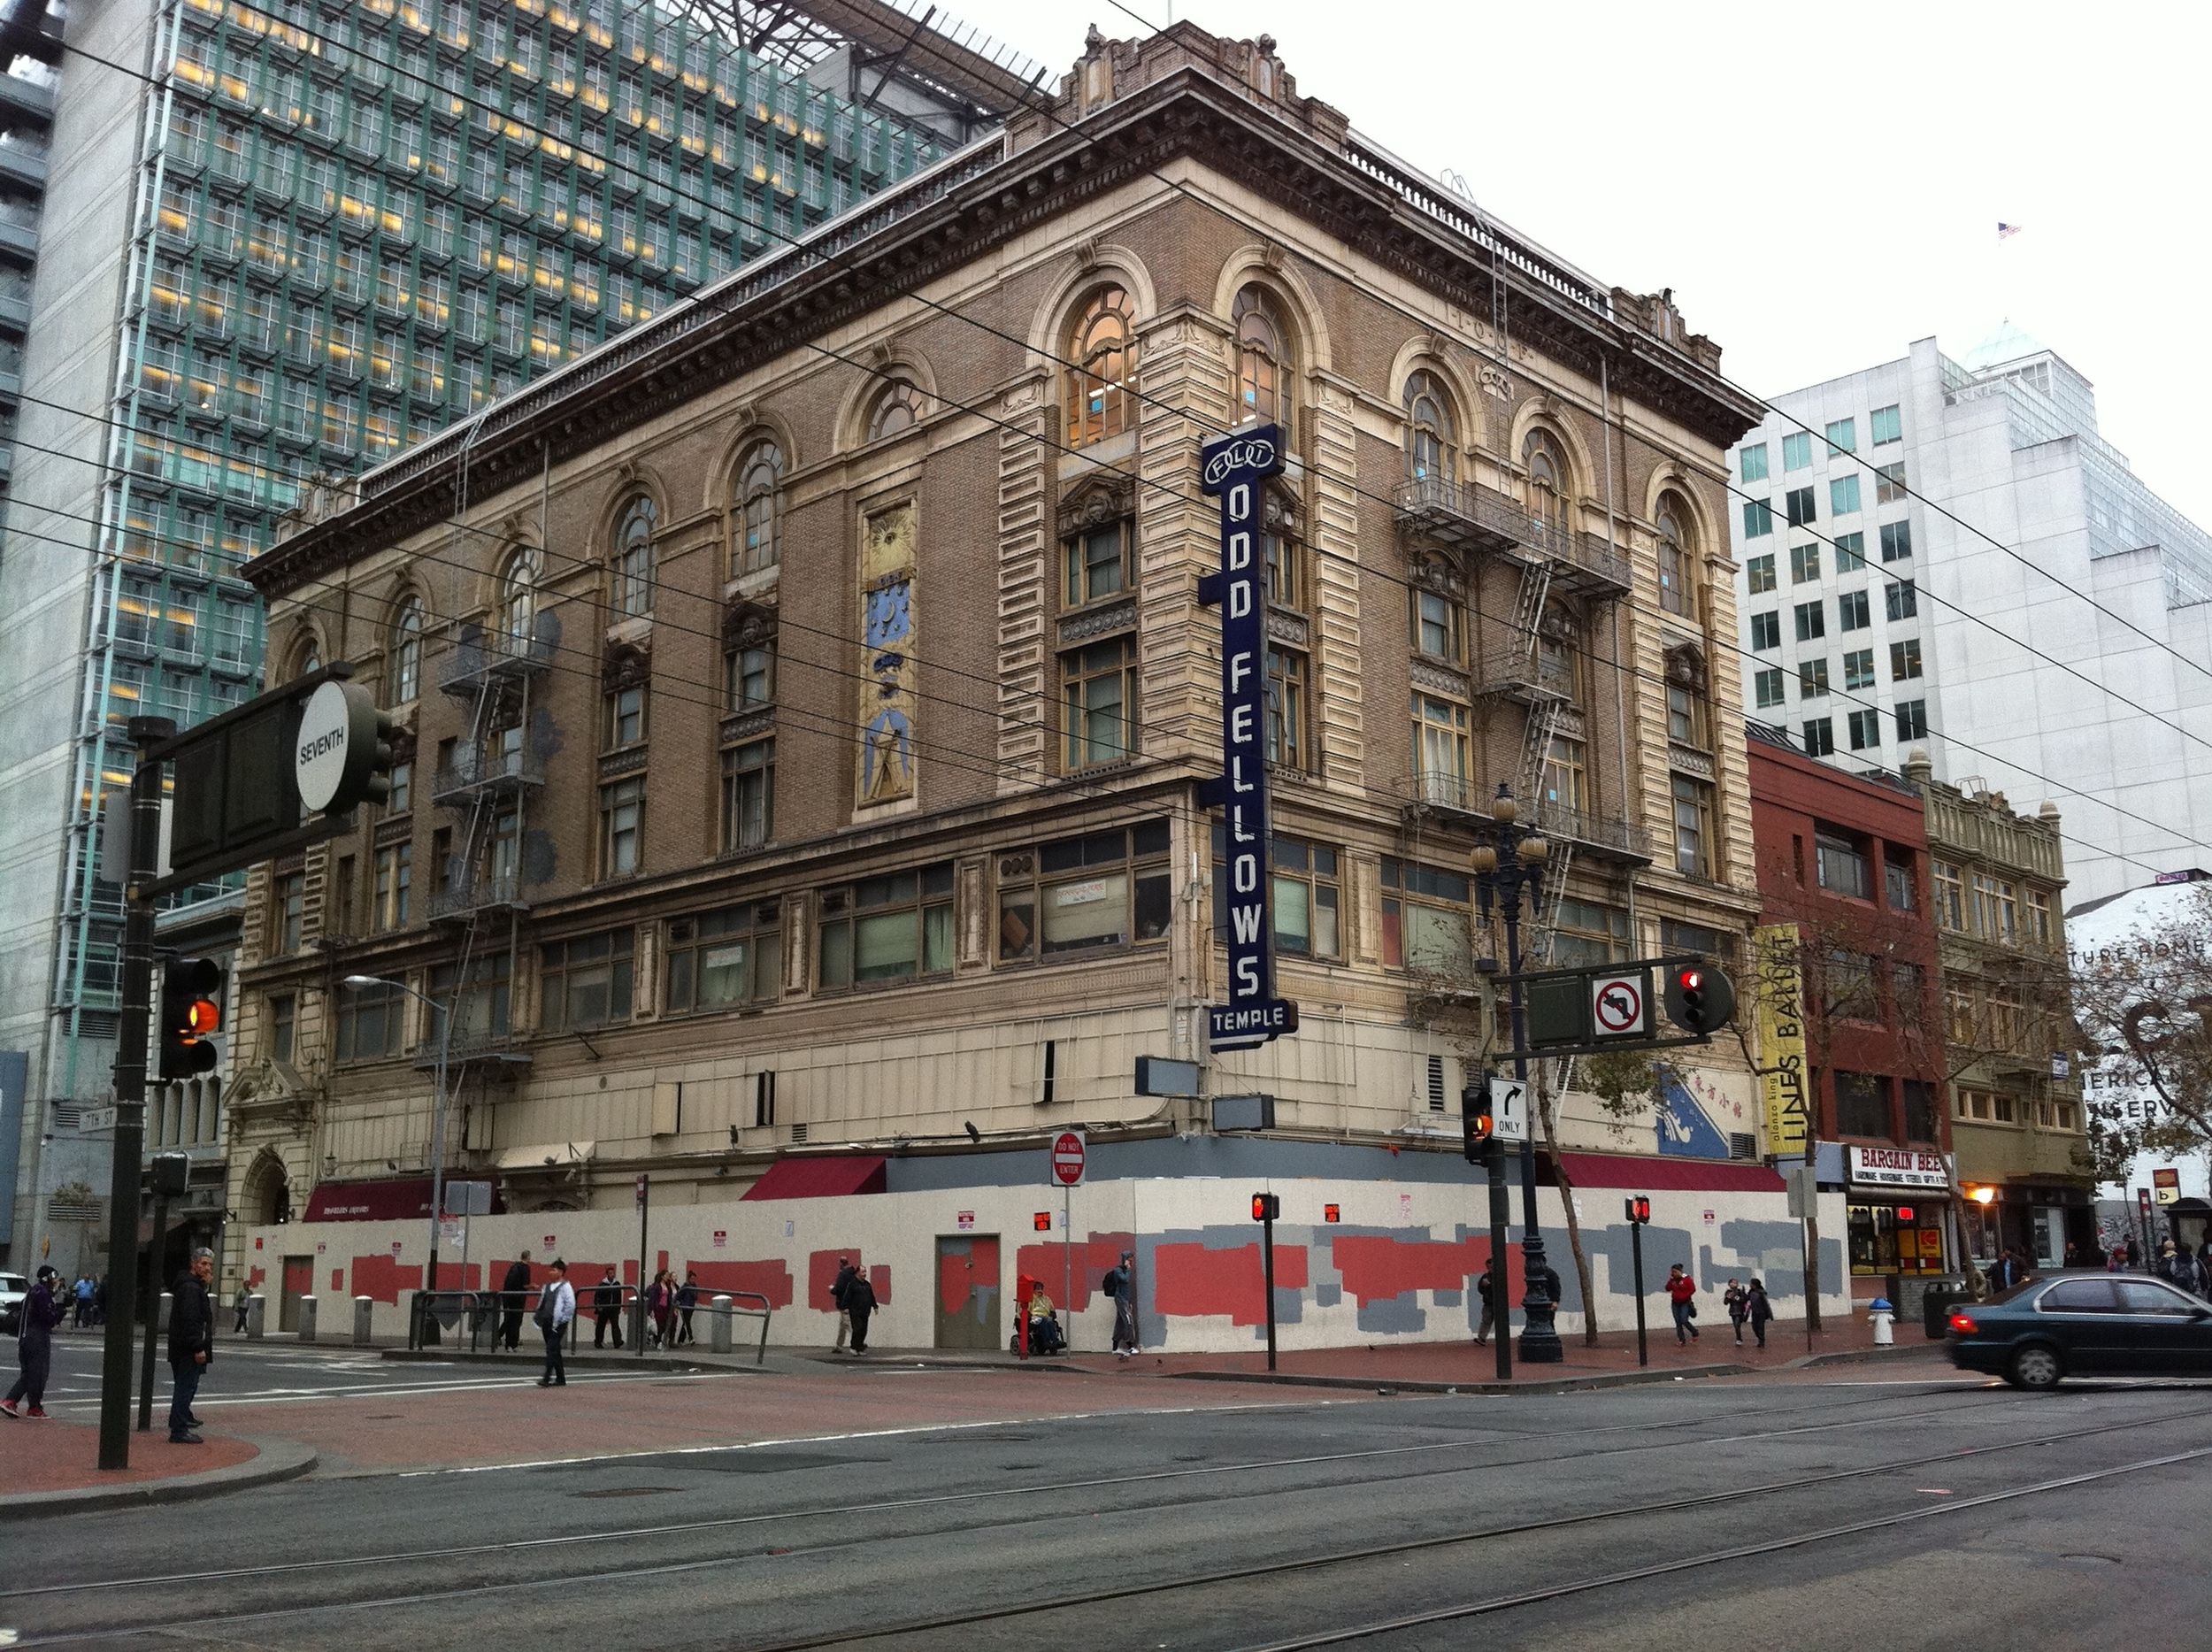 Our venerable building